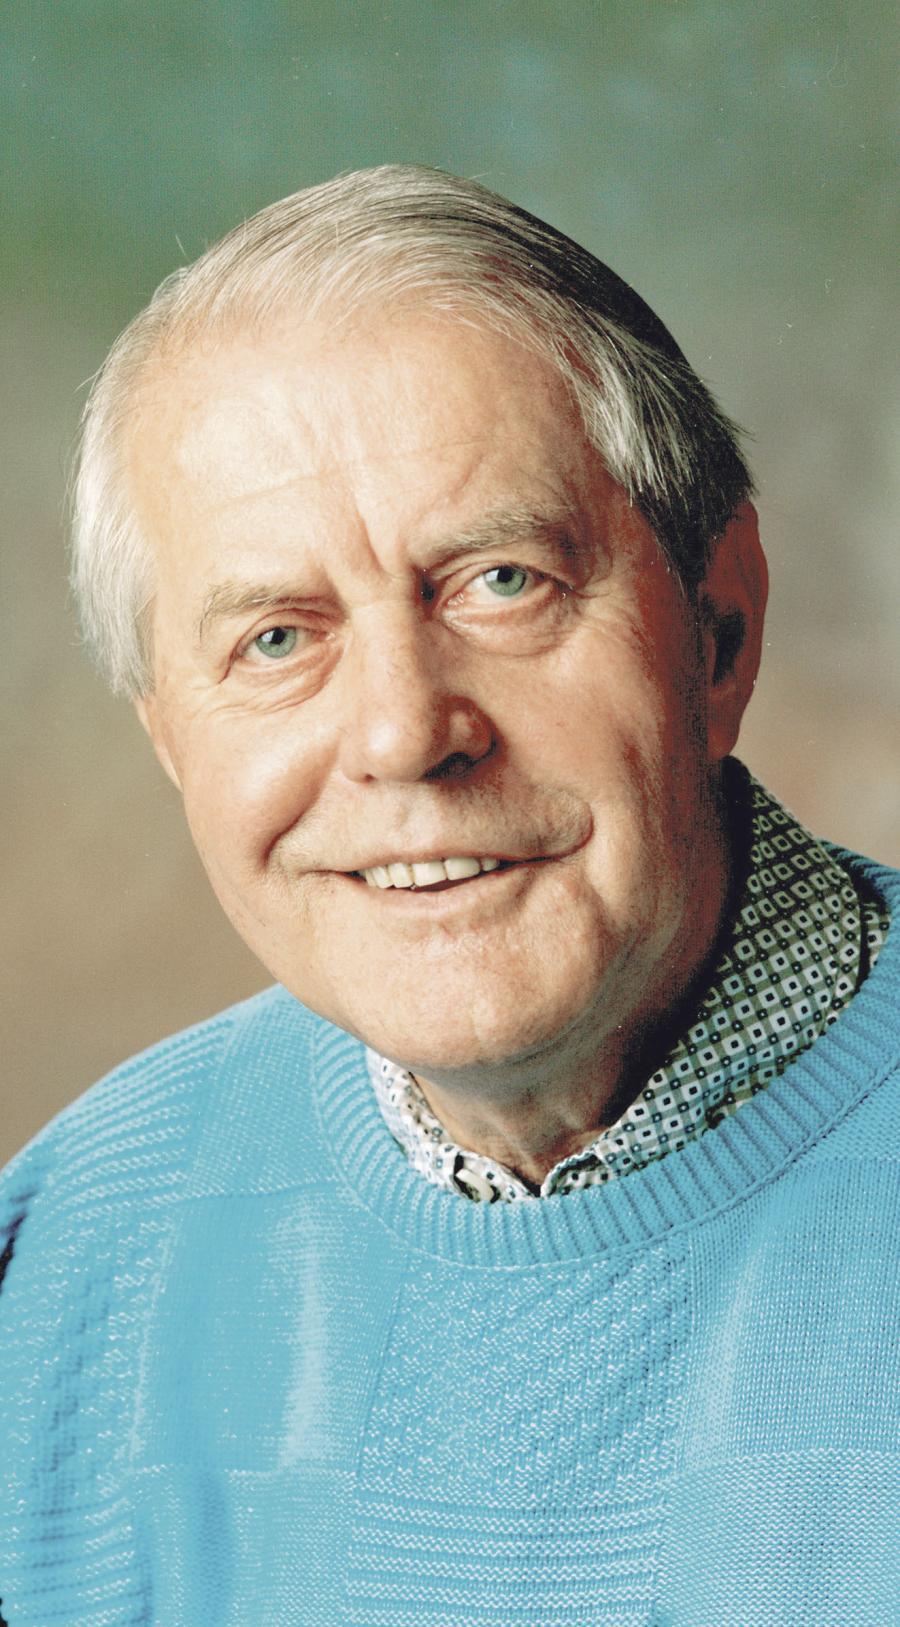 Fotografi fra 1999 af Karl Otto Meyer. (Fotograf: Foto Remmer) (Arkivet ved Dansk Centralbibliotek for Sydslesvig)